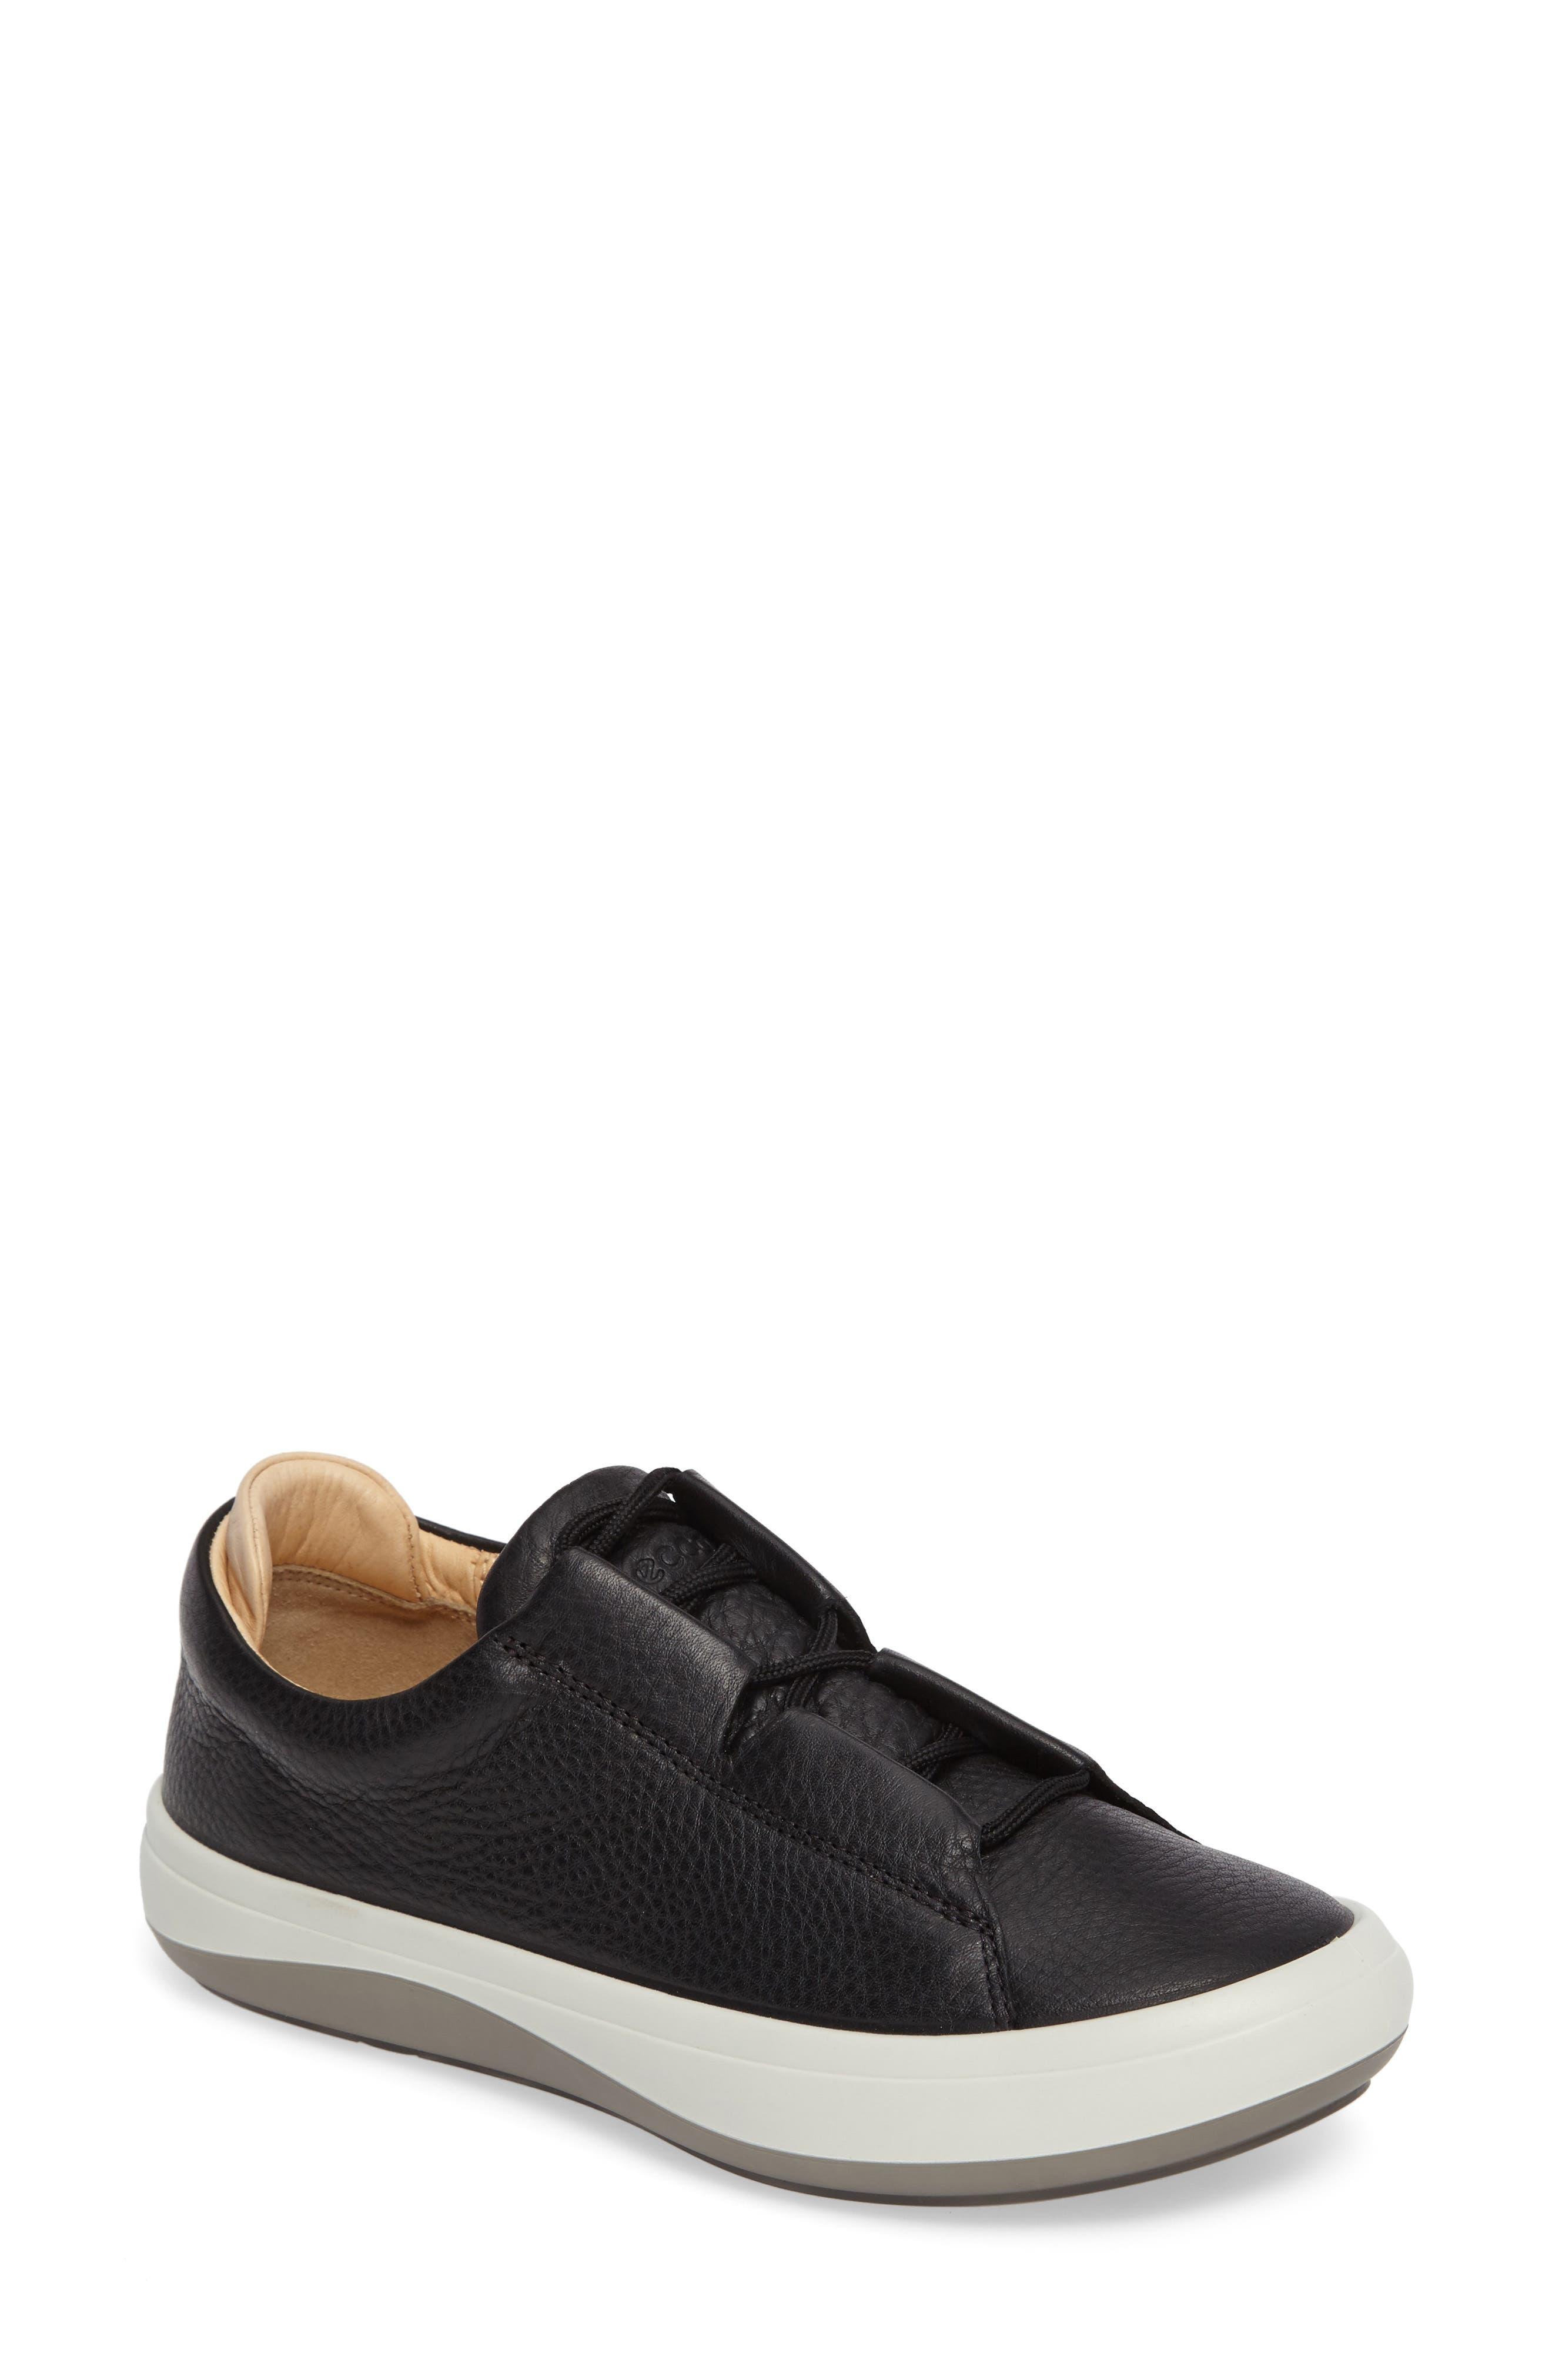 Kinhin Low Top Sneaker,                             Main thumbnail 1, color,                             013